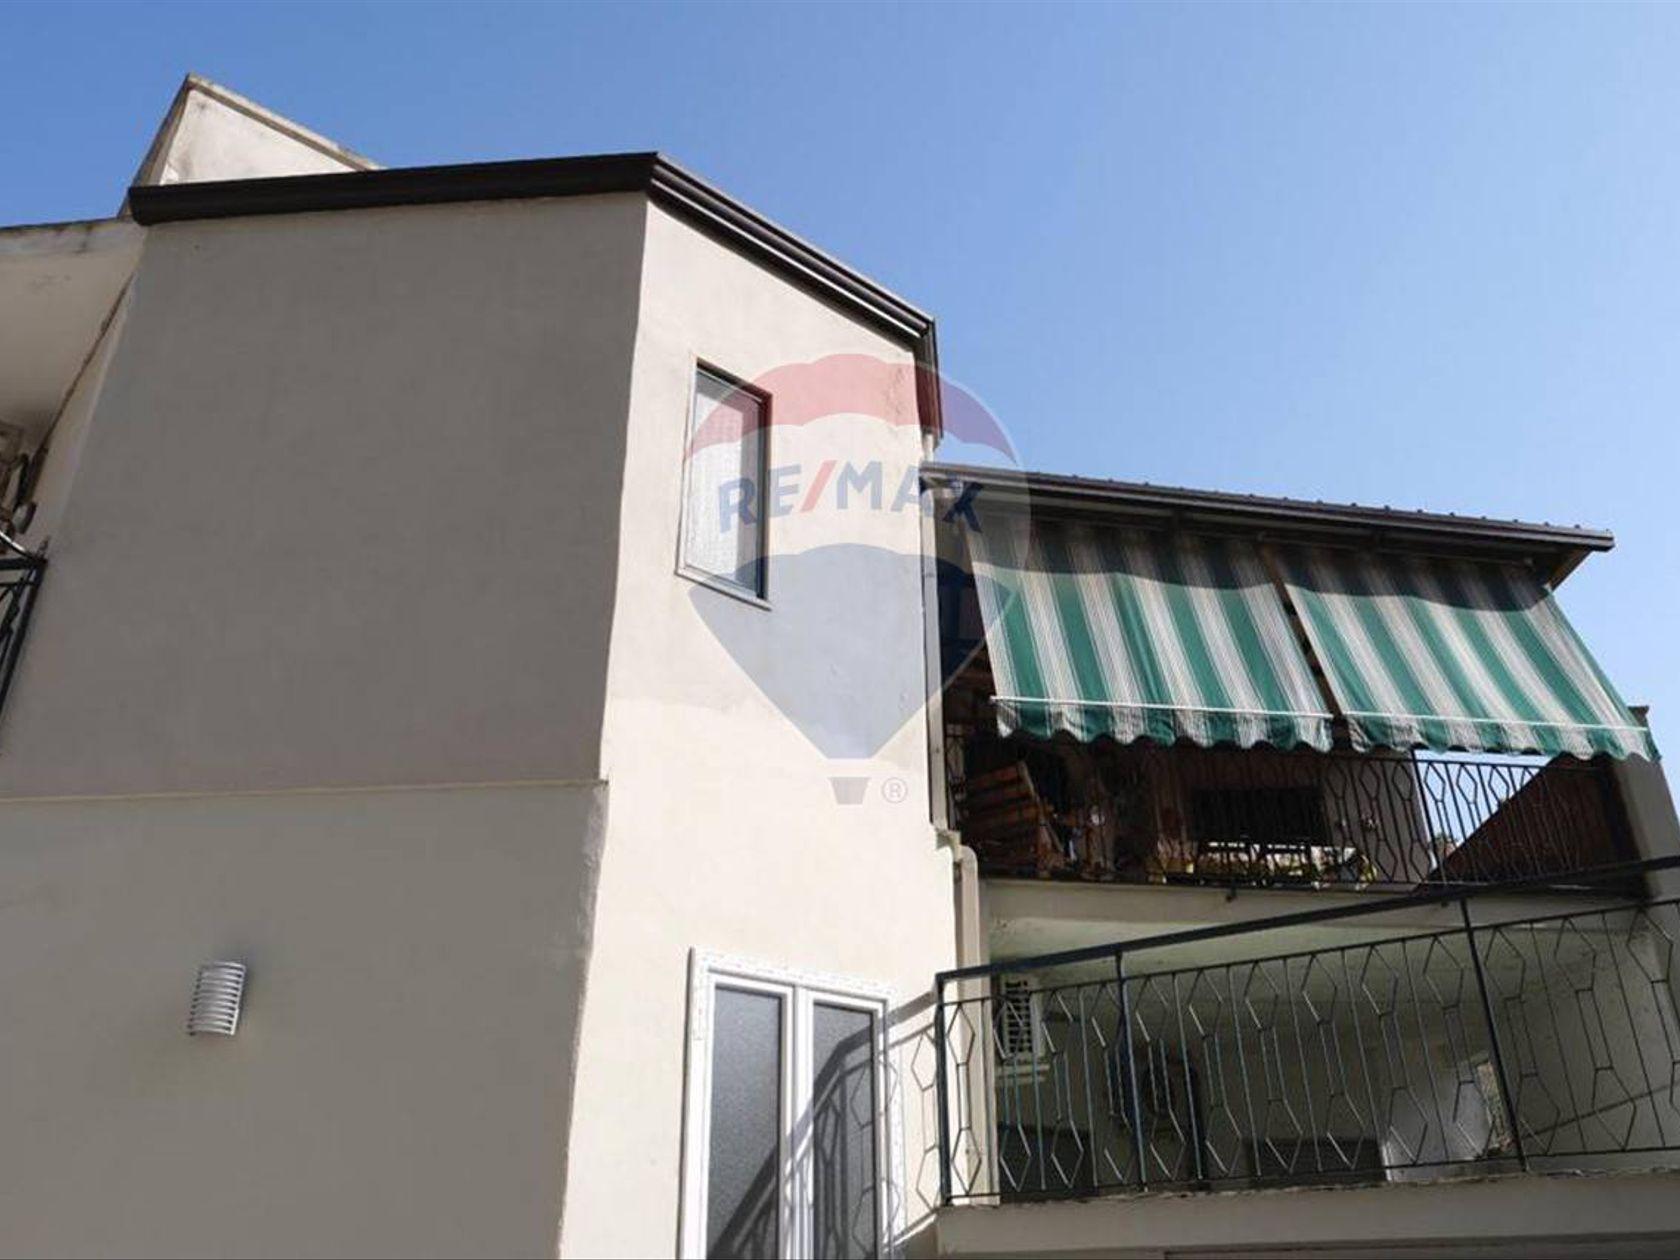 Casa Indipendente Zona stazione, Aversa, CE Vendita - Foto 4